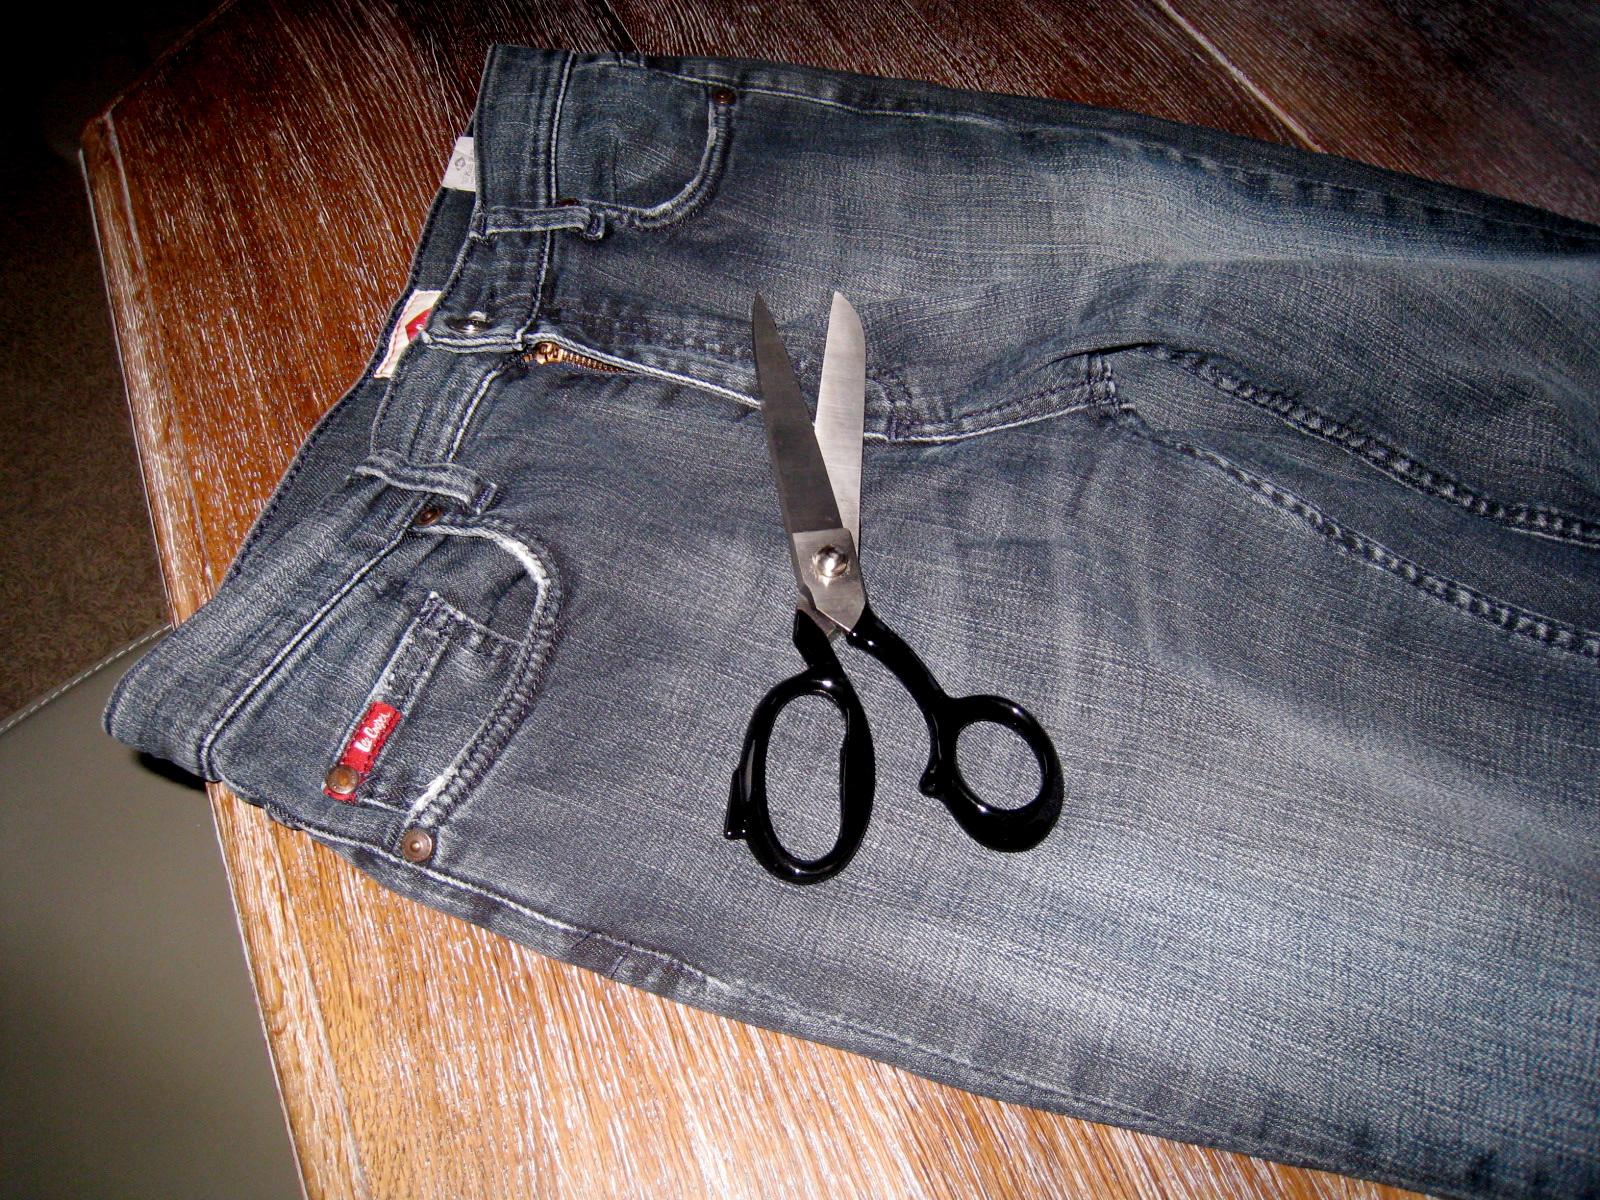 etonnant transformer jean en sac 12 ma serenite. Black Bedroom Furniture Sets. Home Design Ideas